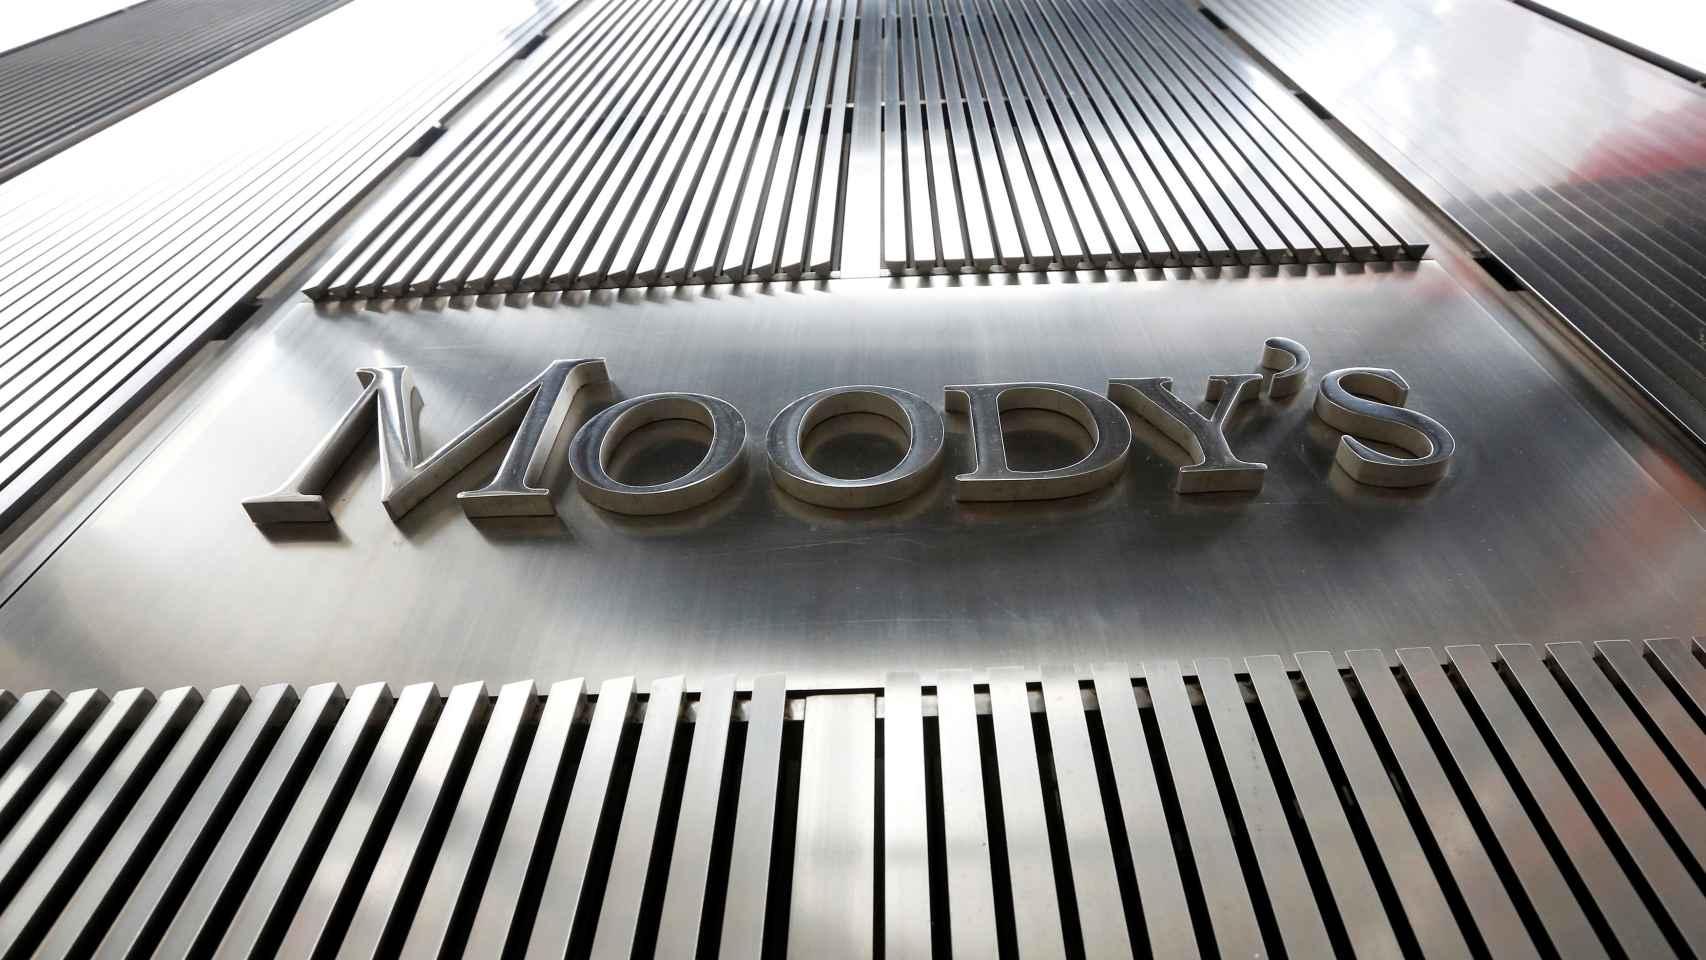 El logotipo de la agencia Moody's en sus oficinas del World Trade Center, en Nueva York.